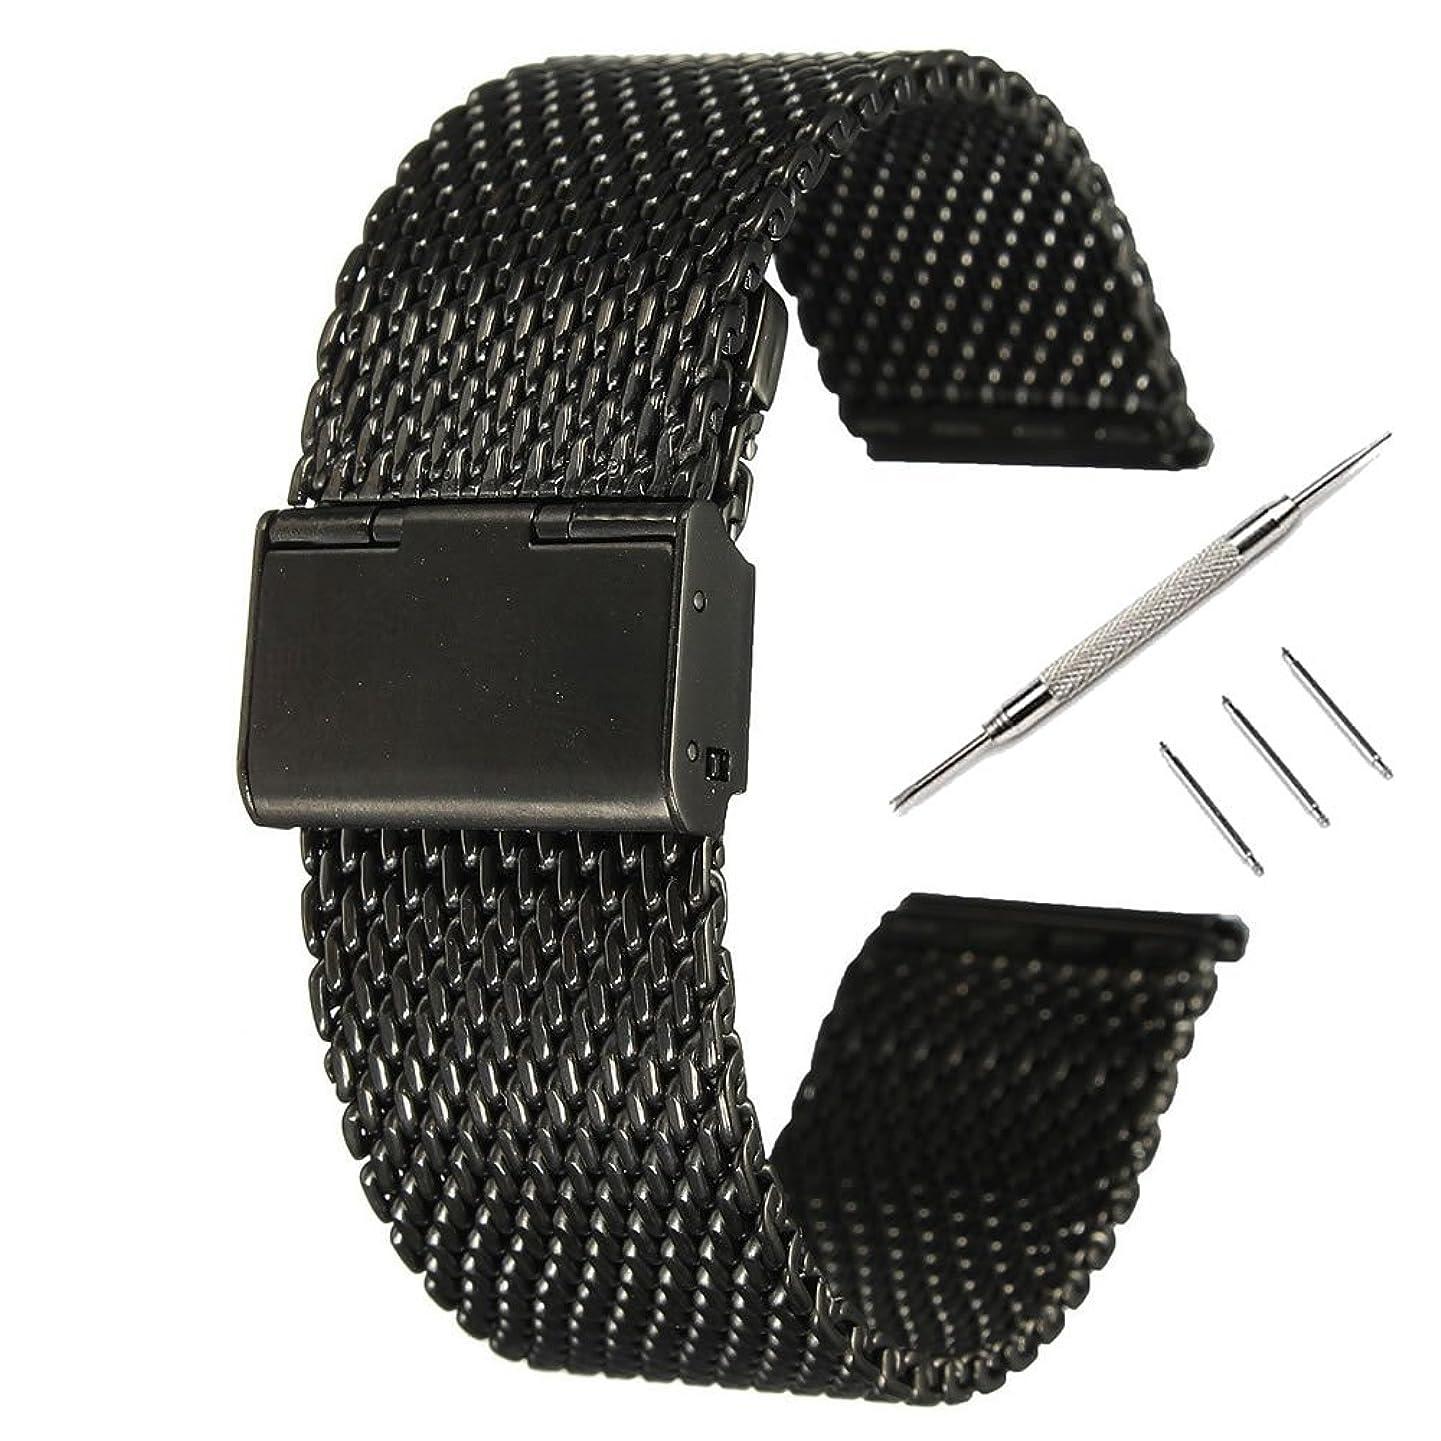 不潔なぜならタクト時計バンド ベルト、 Fullmosa 全6色 Smart watch バンド マグネット式 腕時計バンド ベルト ウォッチバンド ミラネーゼ メッシュバンド 交換ベルト